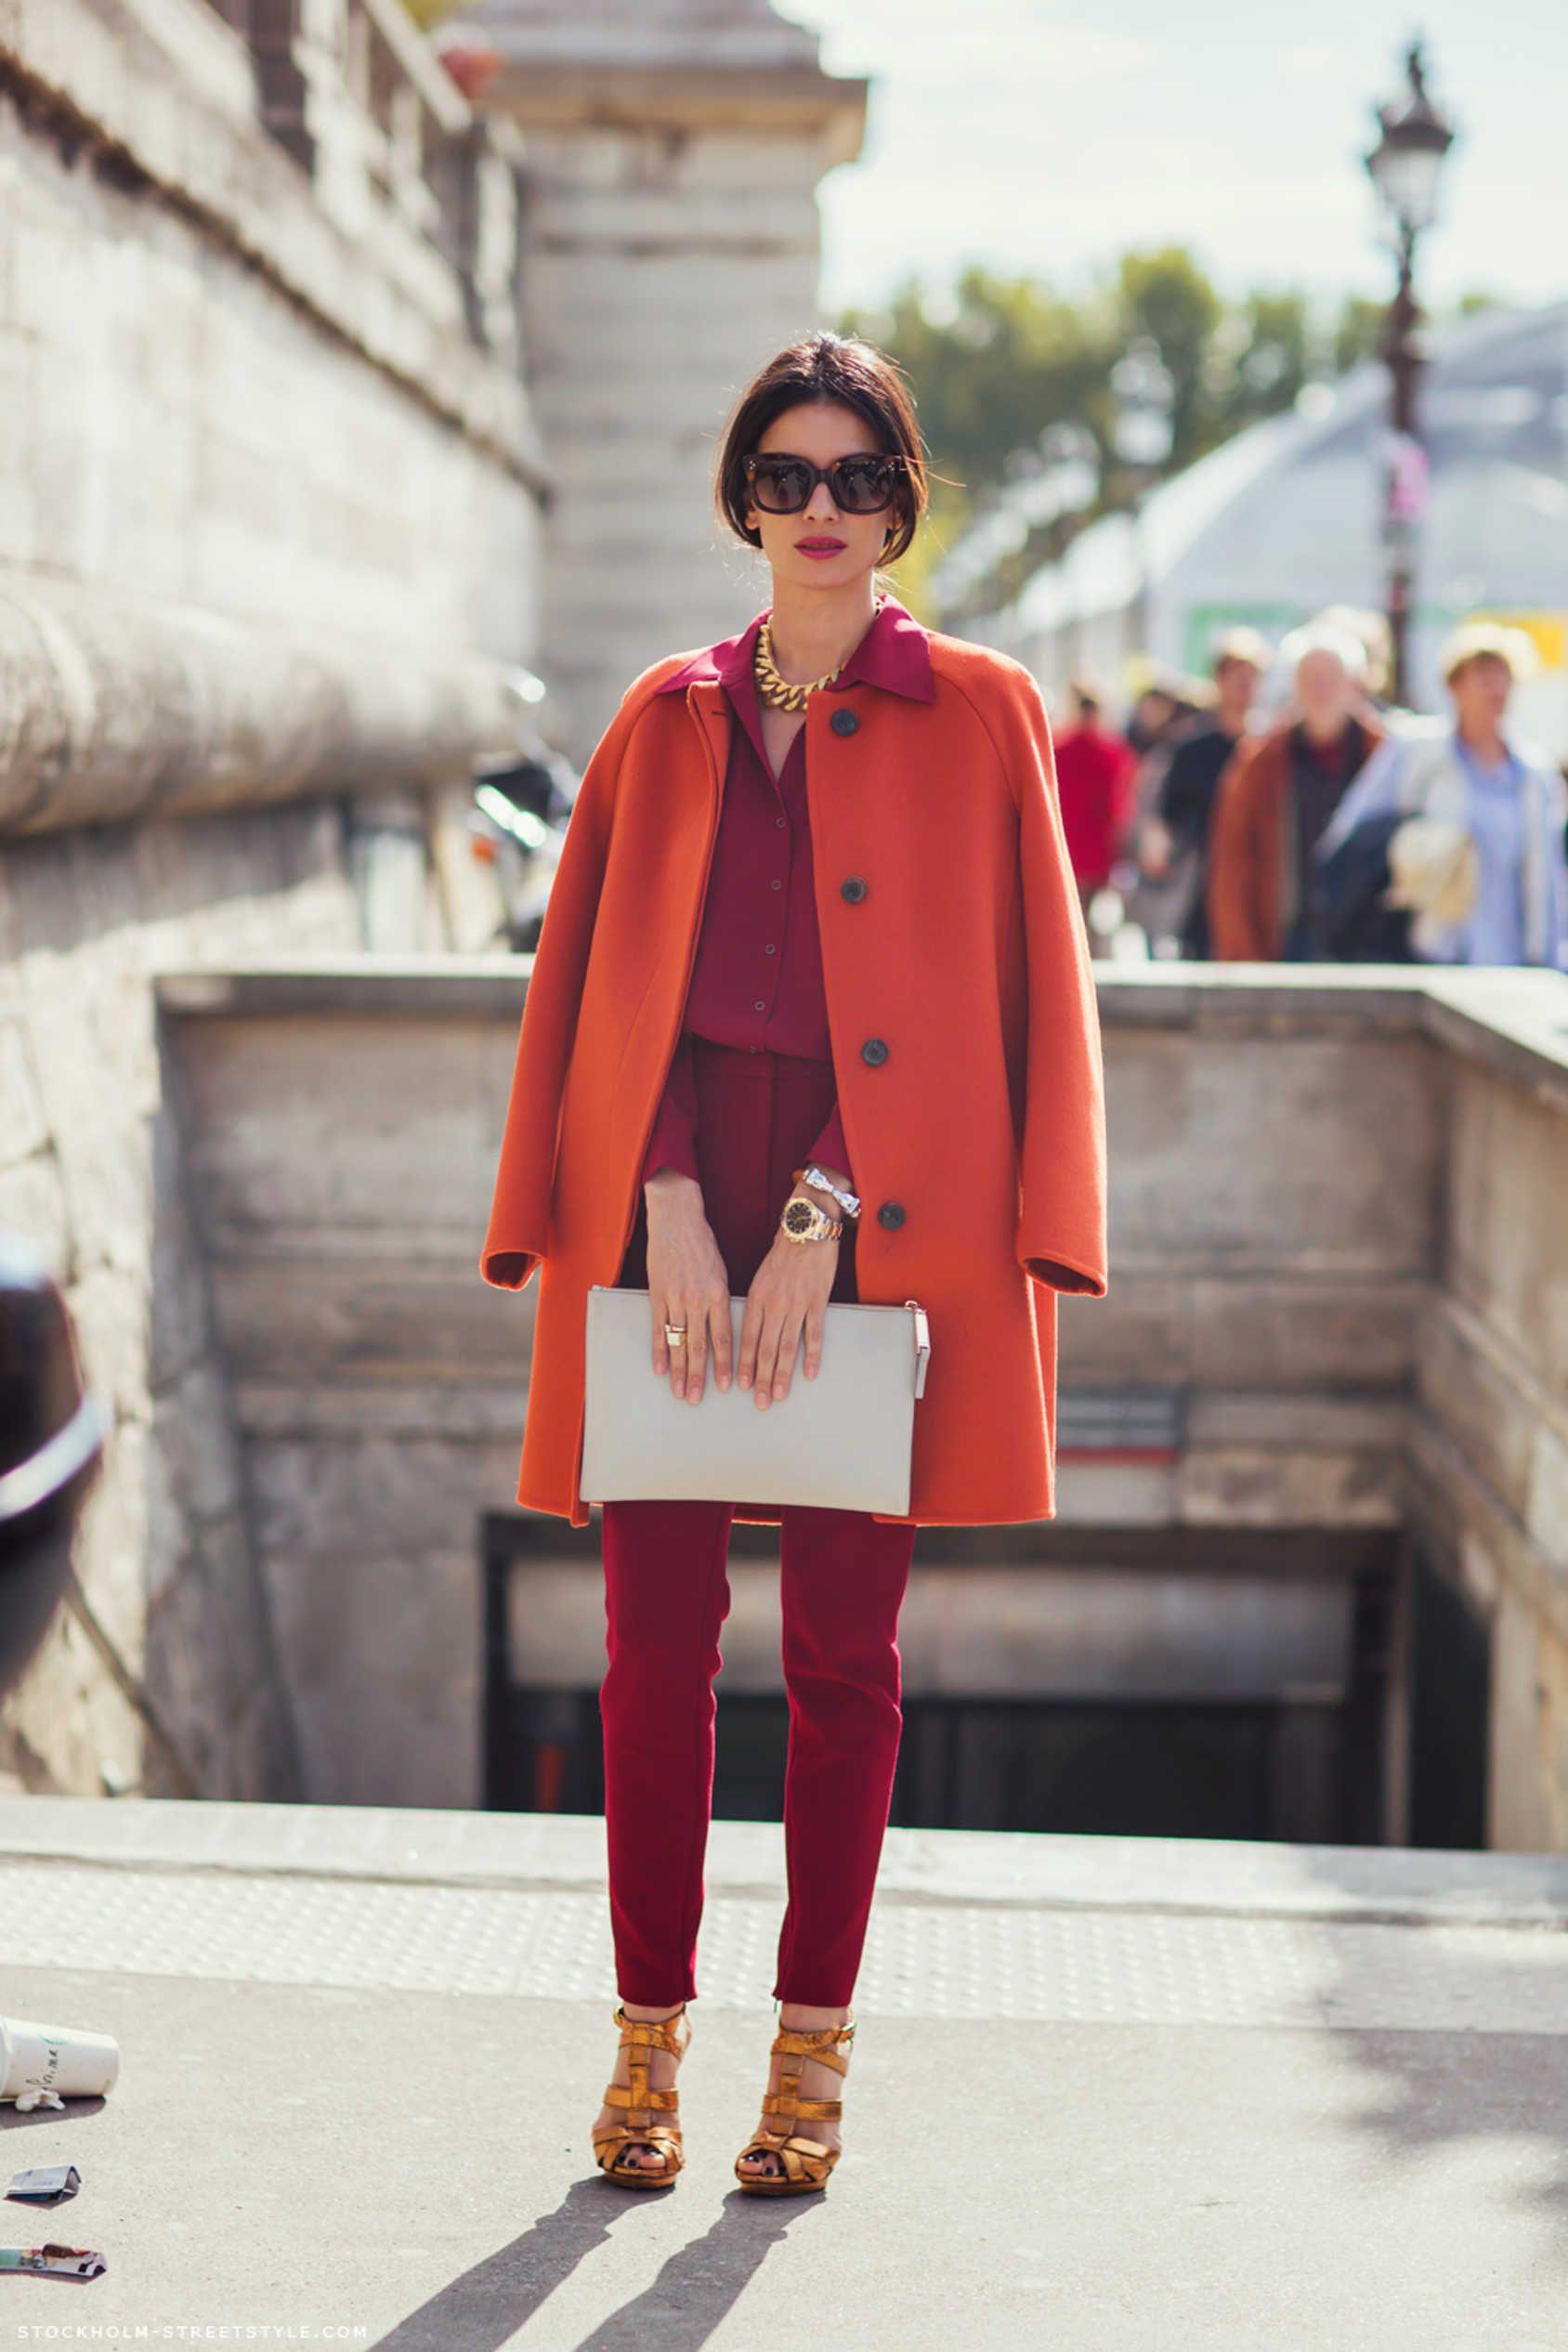 赤とオレンジの絶妙な組み合わせ。 , 海外のストリートスナップ・ファッションスナップ